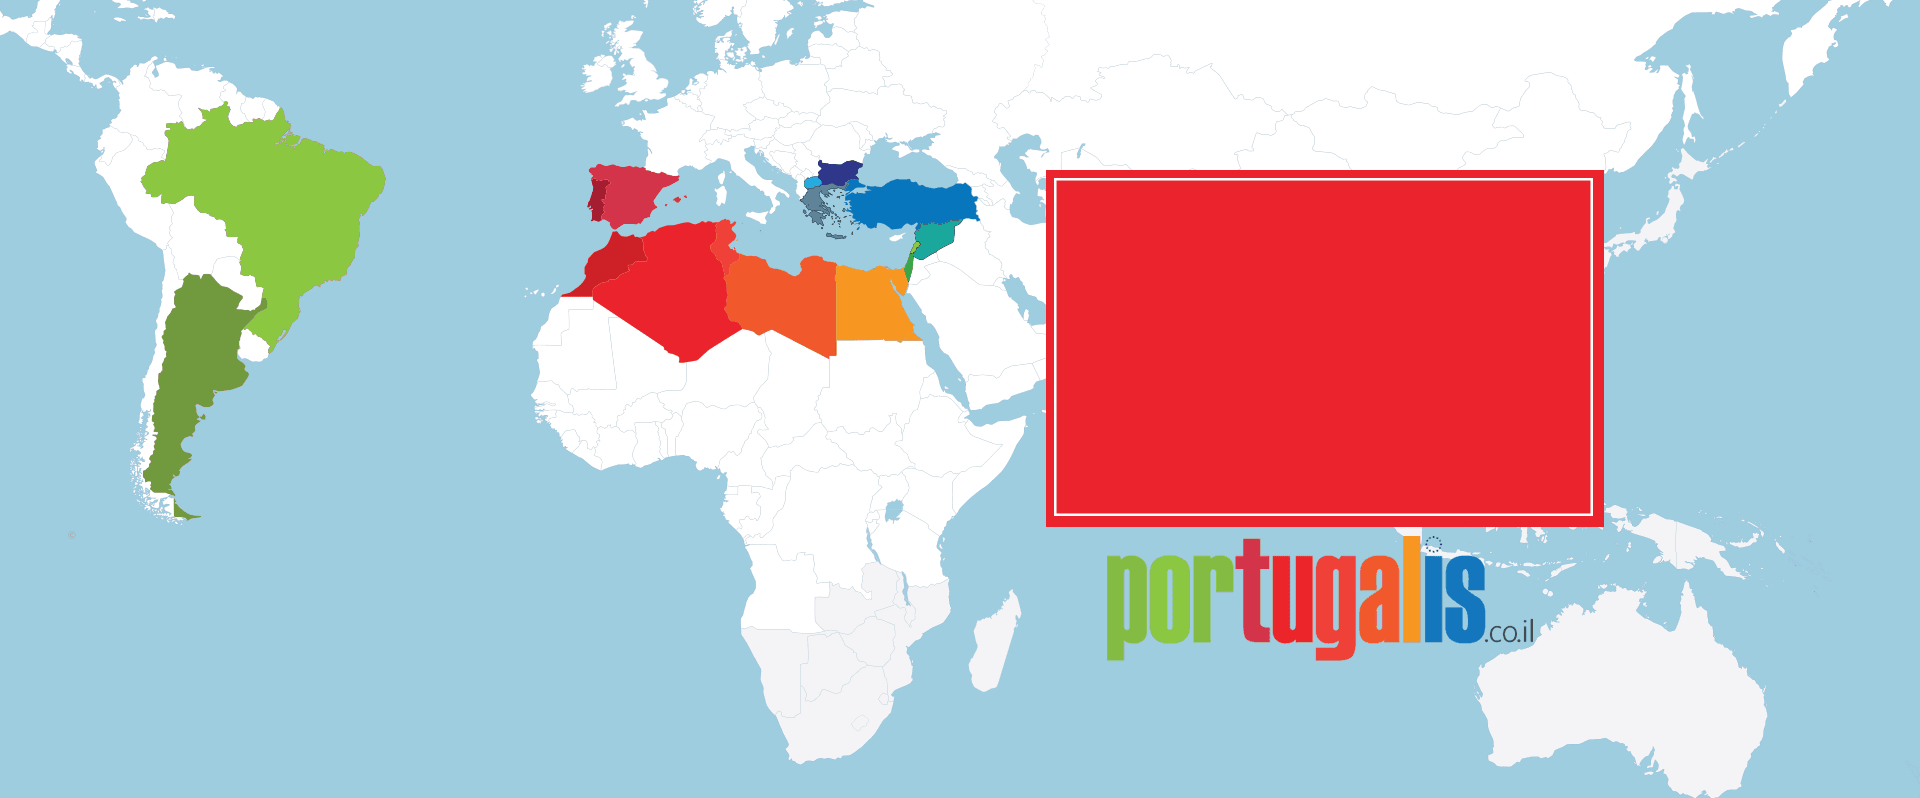 ארצות המוצא העיקריות המזכות באזרחות פורטוגלית-אירופאית: מרוקו, אלג'יר, טוניס, לוב, מצרים, יוון, טורקיה, בולגריה, ארצות הבלקן, סוריה, לבנון, דרום אמריקה